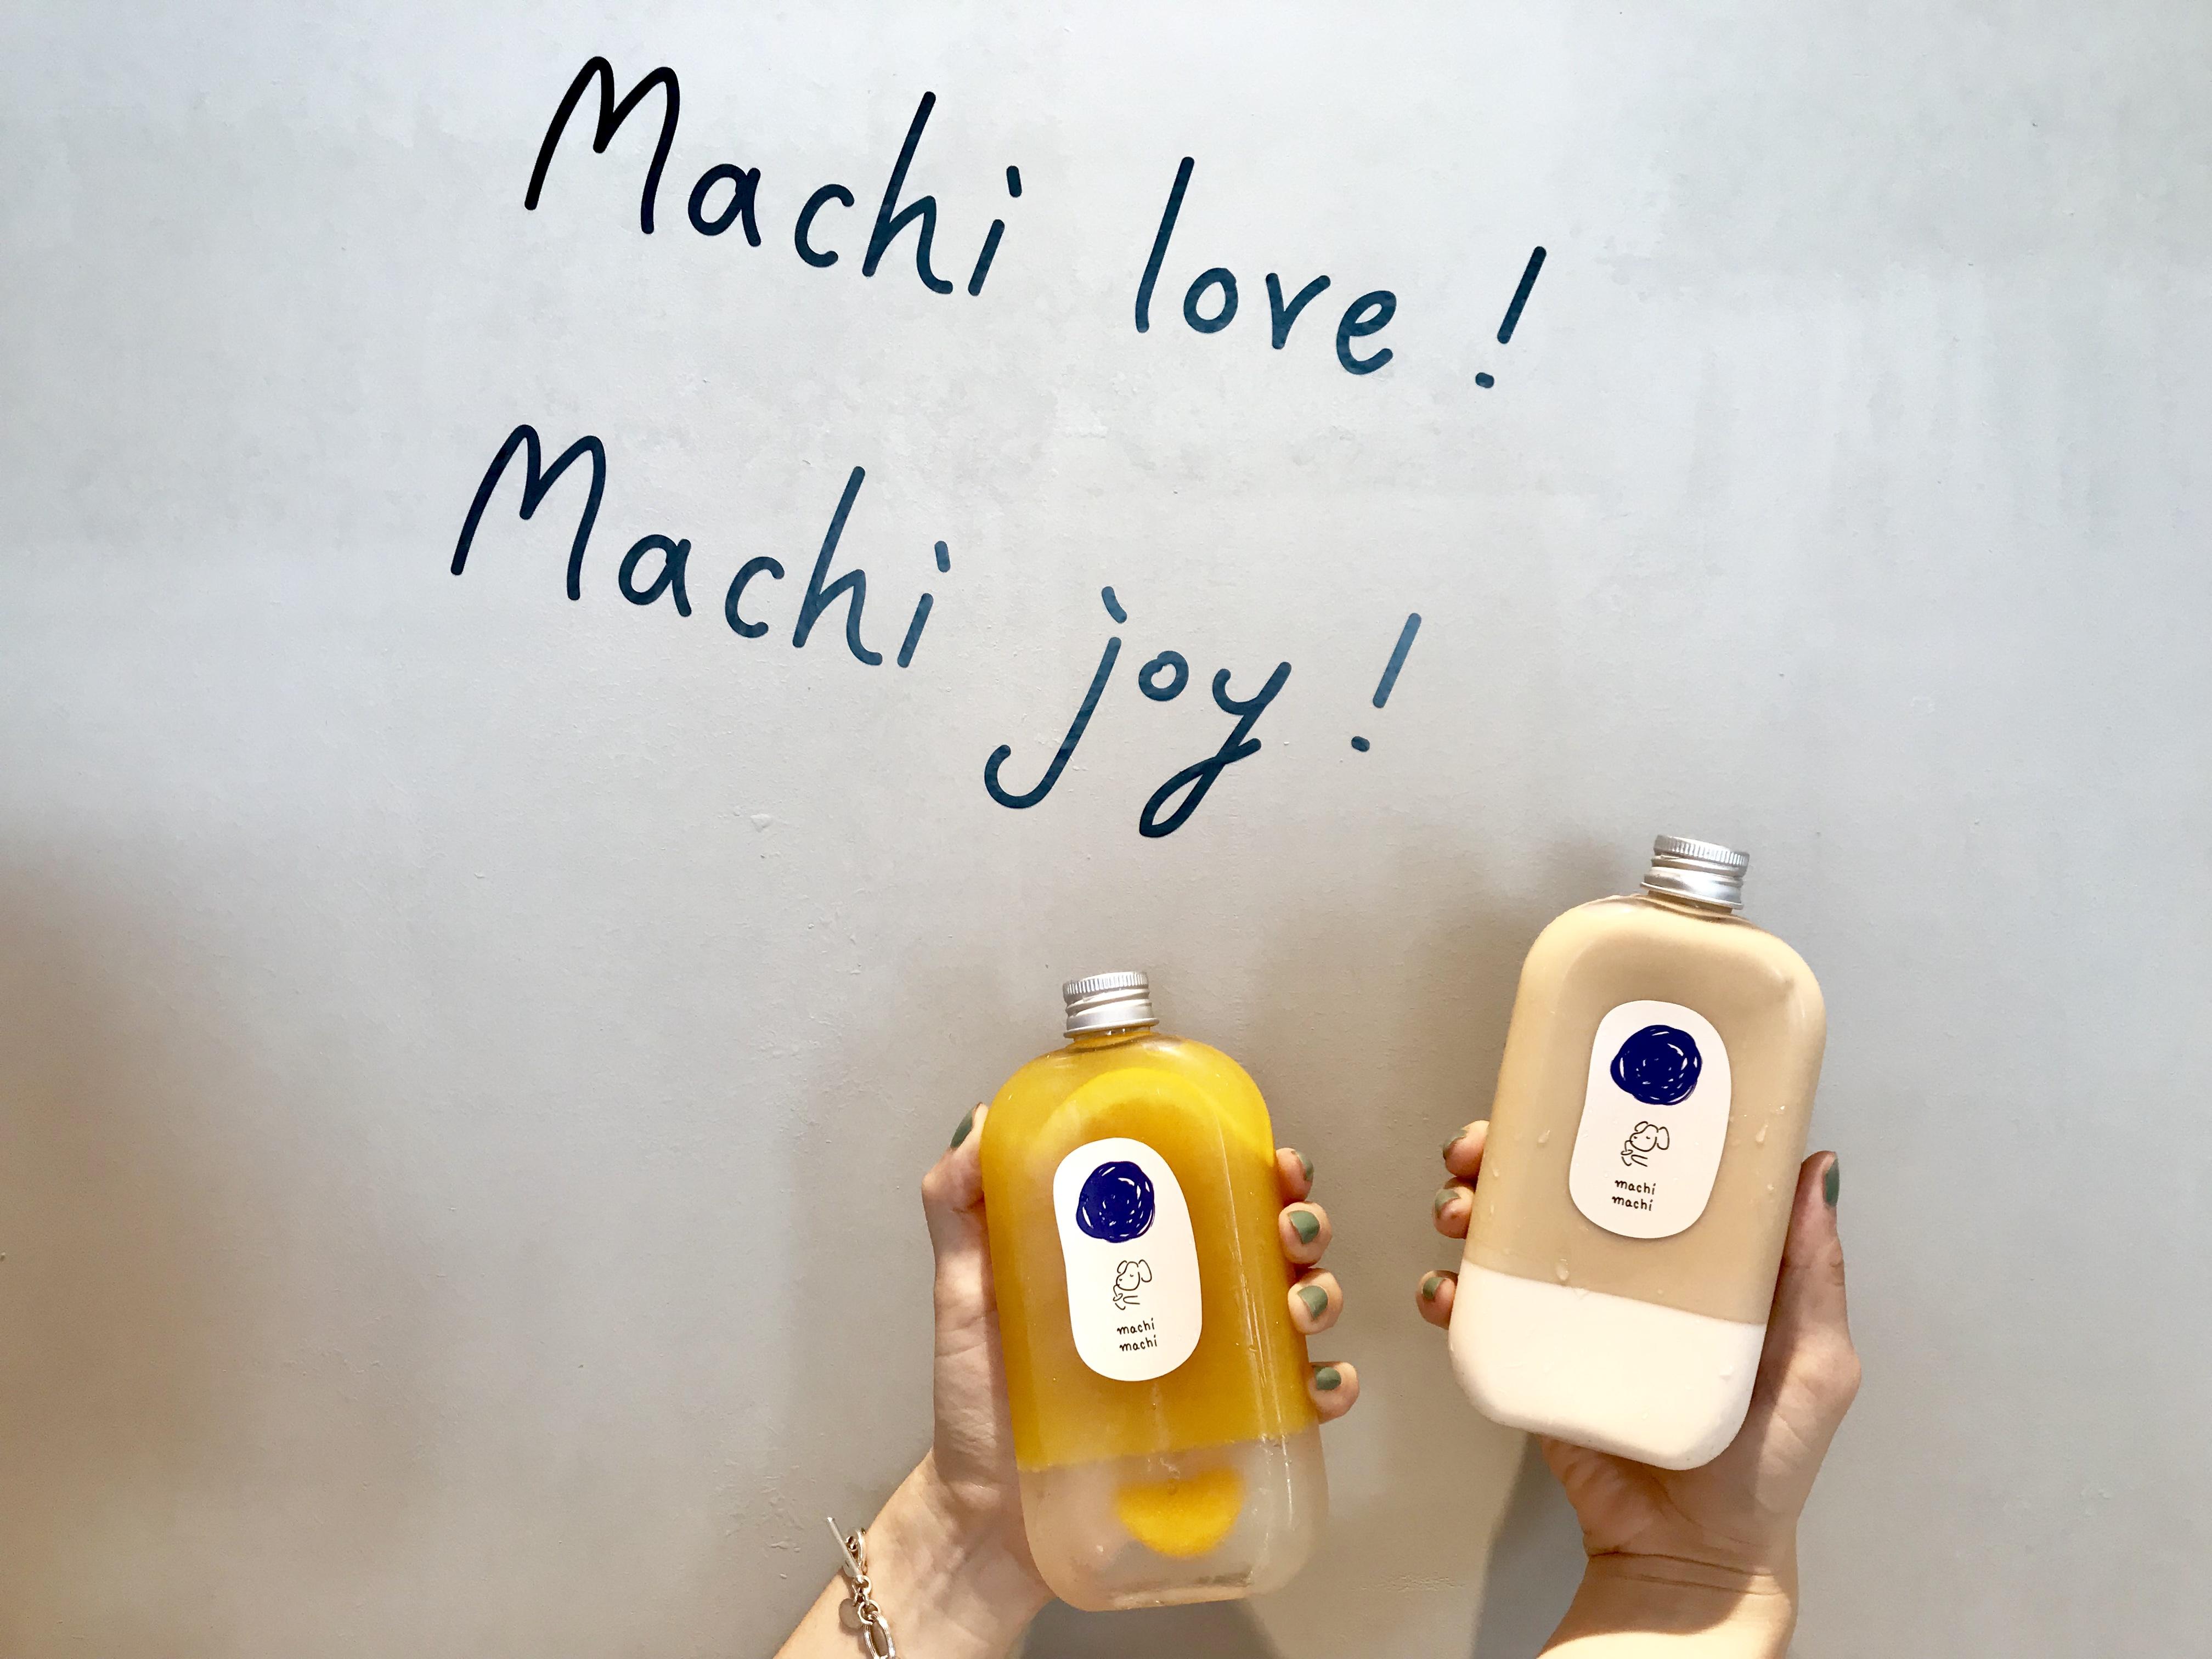 台湾発のチーズティー専門店『machi machi』のおすすめフレーバー9選♡ トッピングにはタロイモボールも!_7